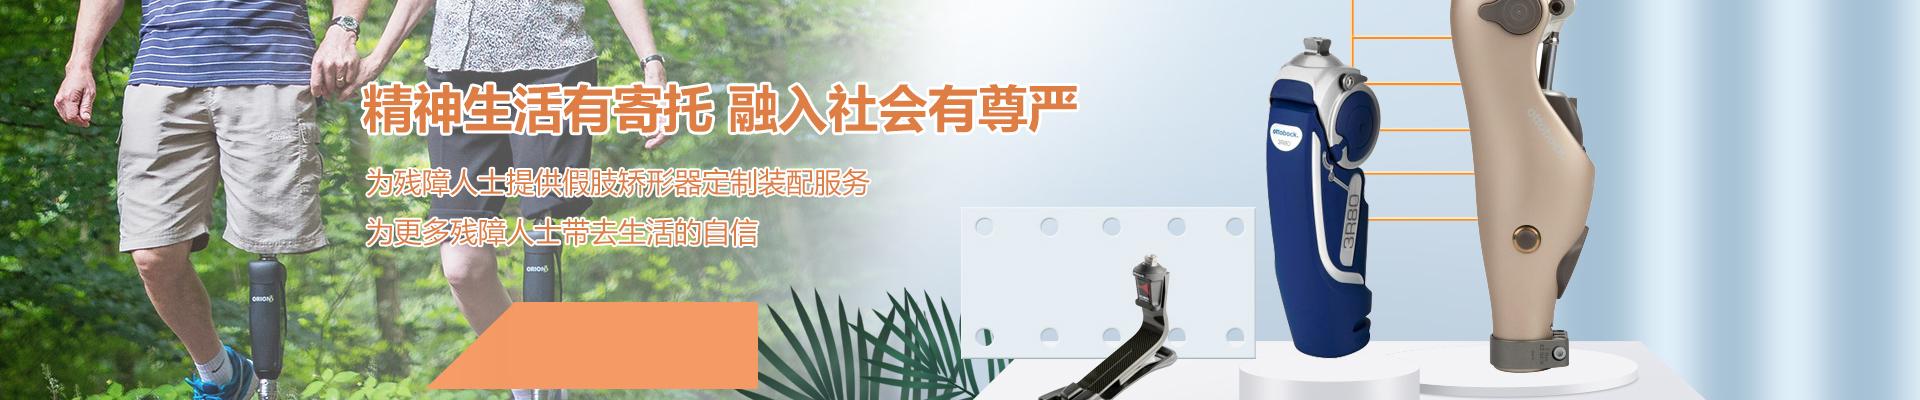 云南晟康医疗科技nba山猫直播在线观看公司介绍